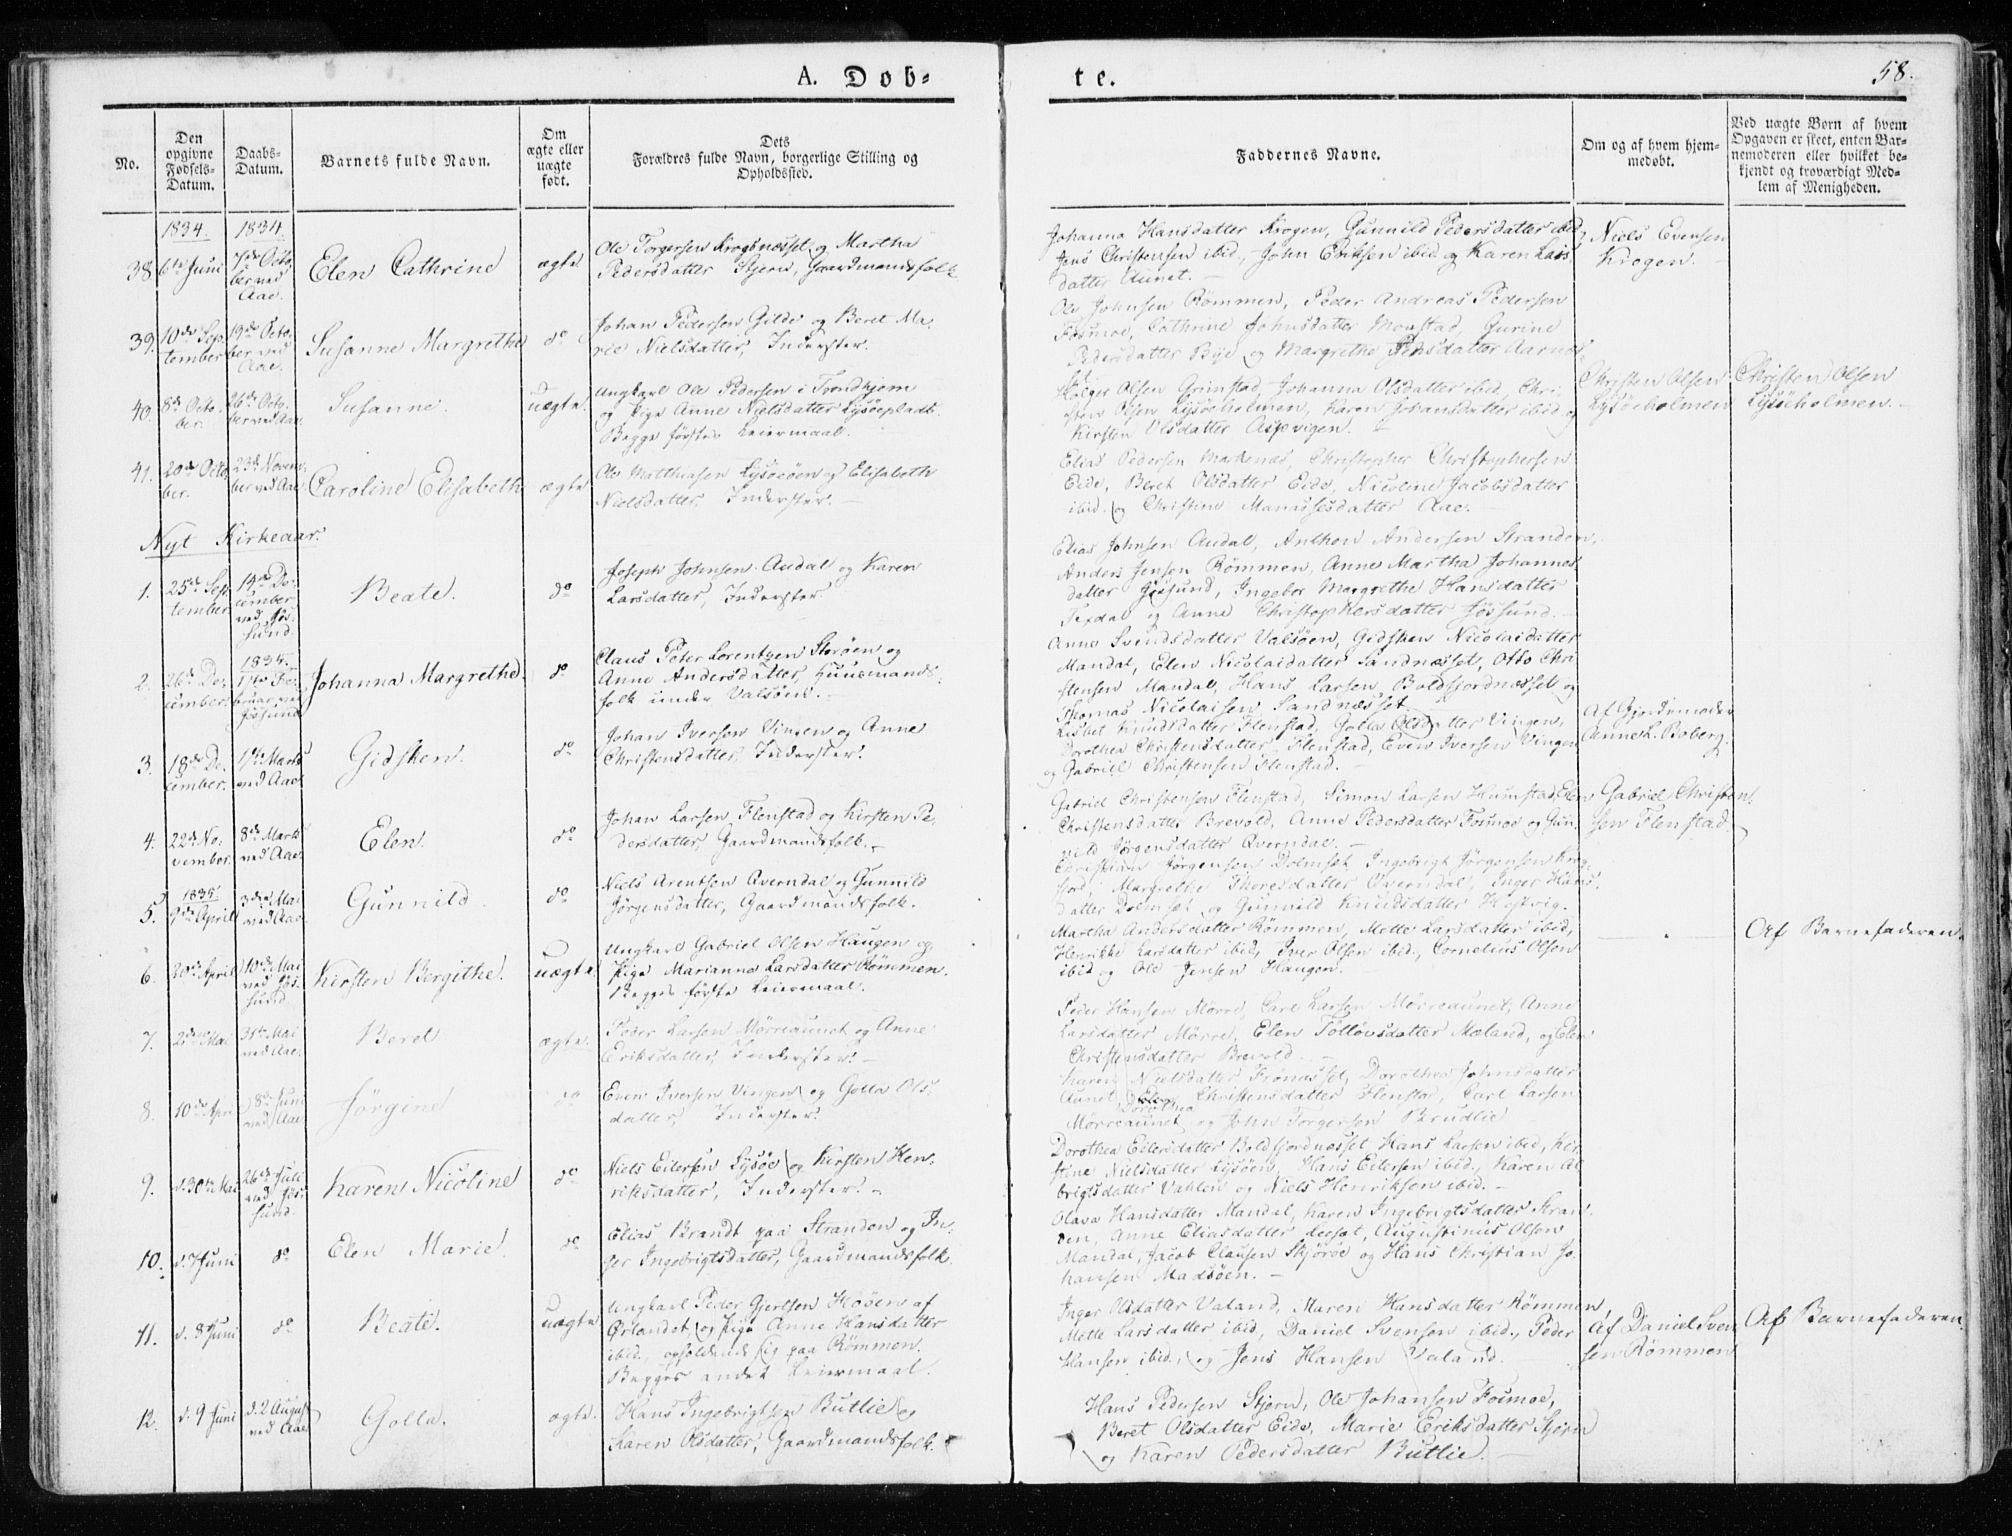 SAT, Ministerialprotokoller, klokkerbøker og fødselsregistre - Sør-Trøndelag, 655/L0676: Ministerialbok nr. 655A05, 1830-1847, s. 58